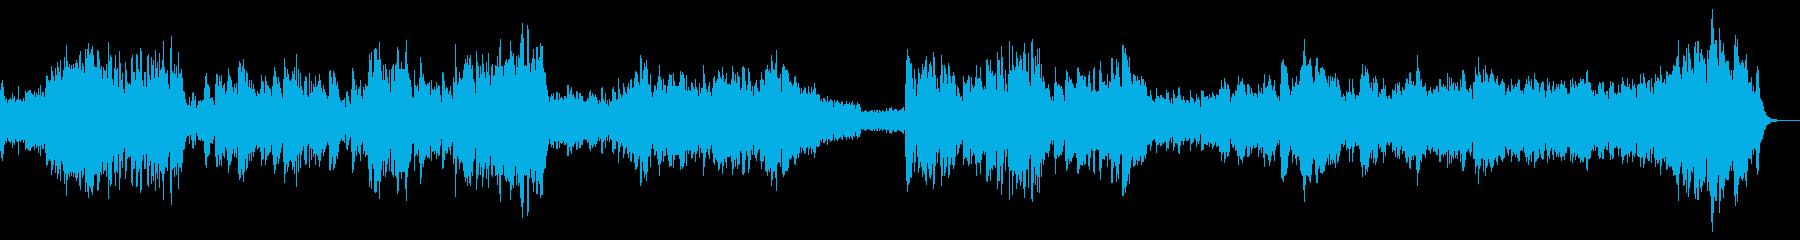 積乱雲の発生と夏空を表現したオーケストラの再生済みの波形